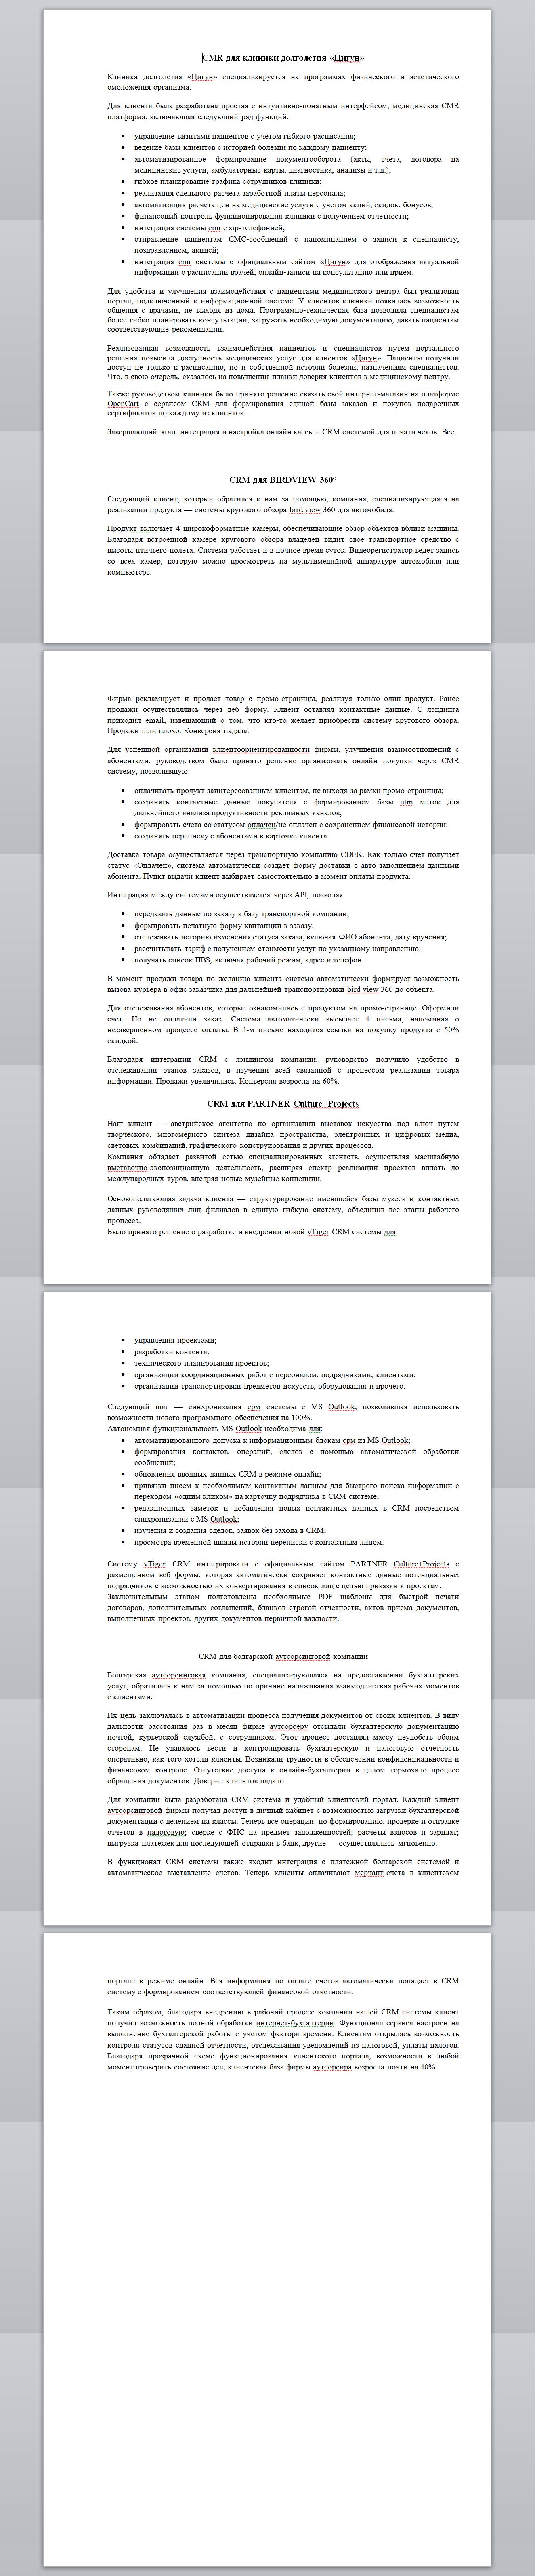 Описания кейсов CMR (написано и опубликовано около 50 текстов)